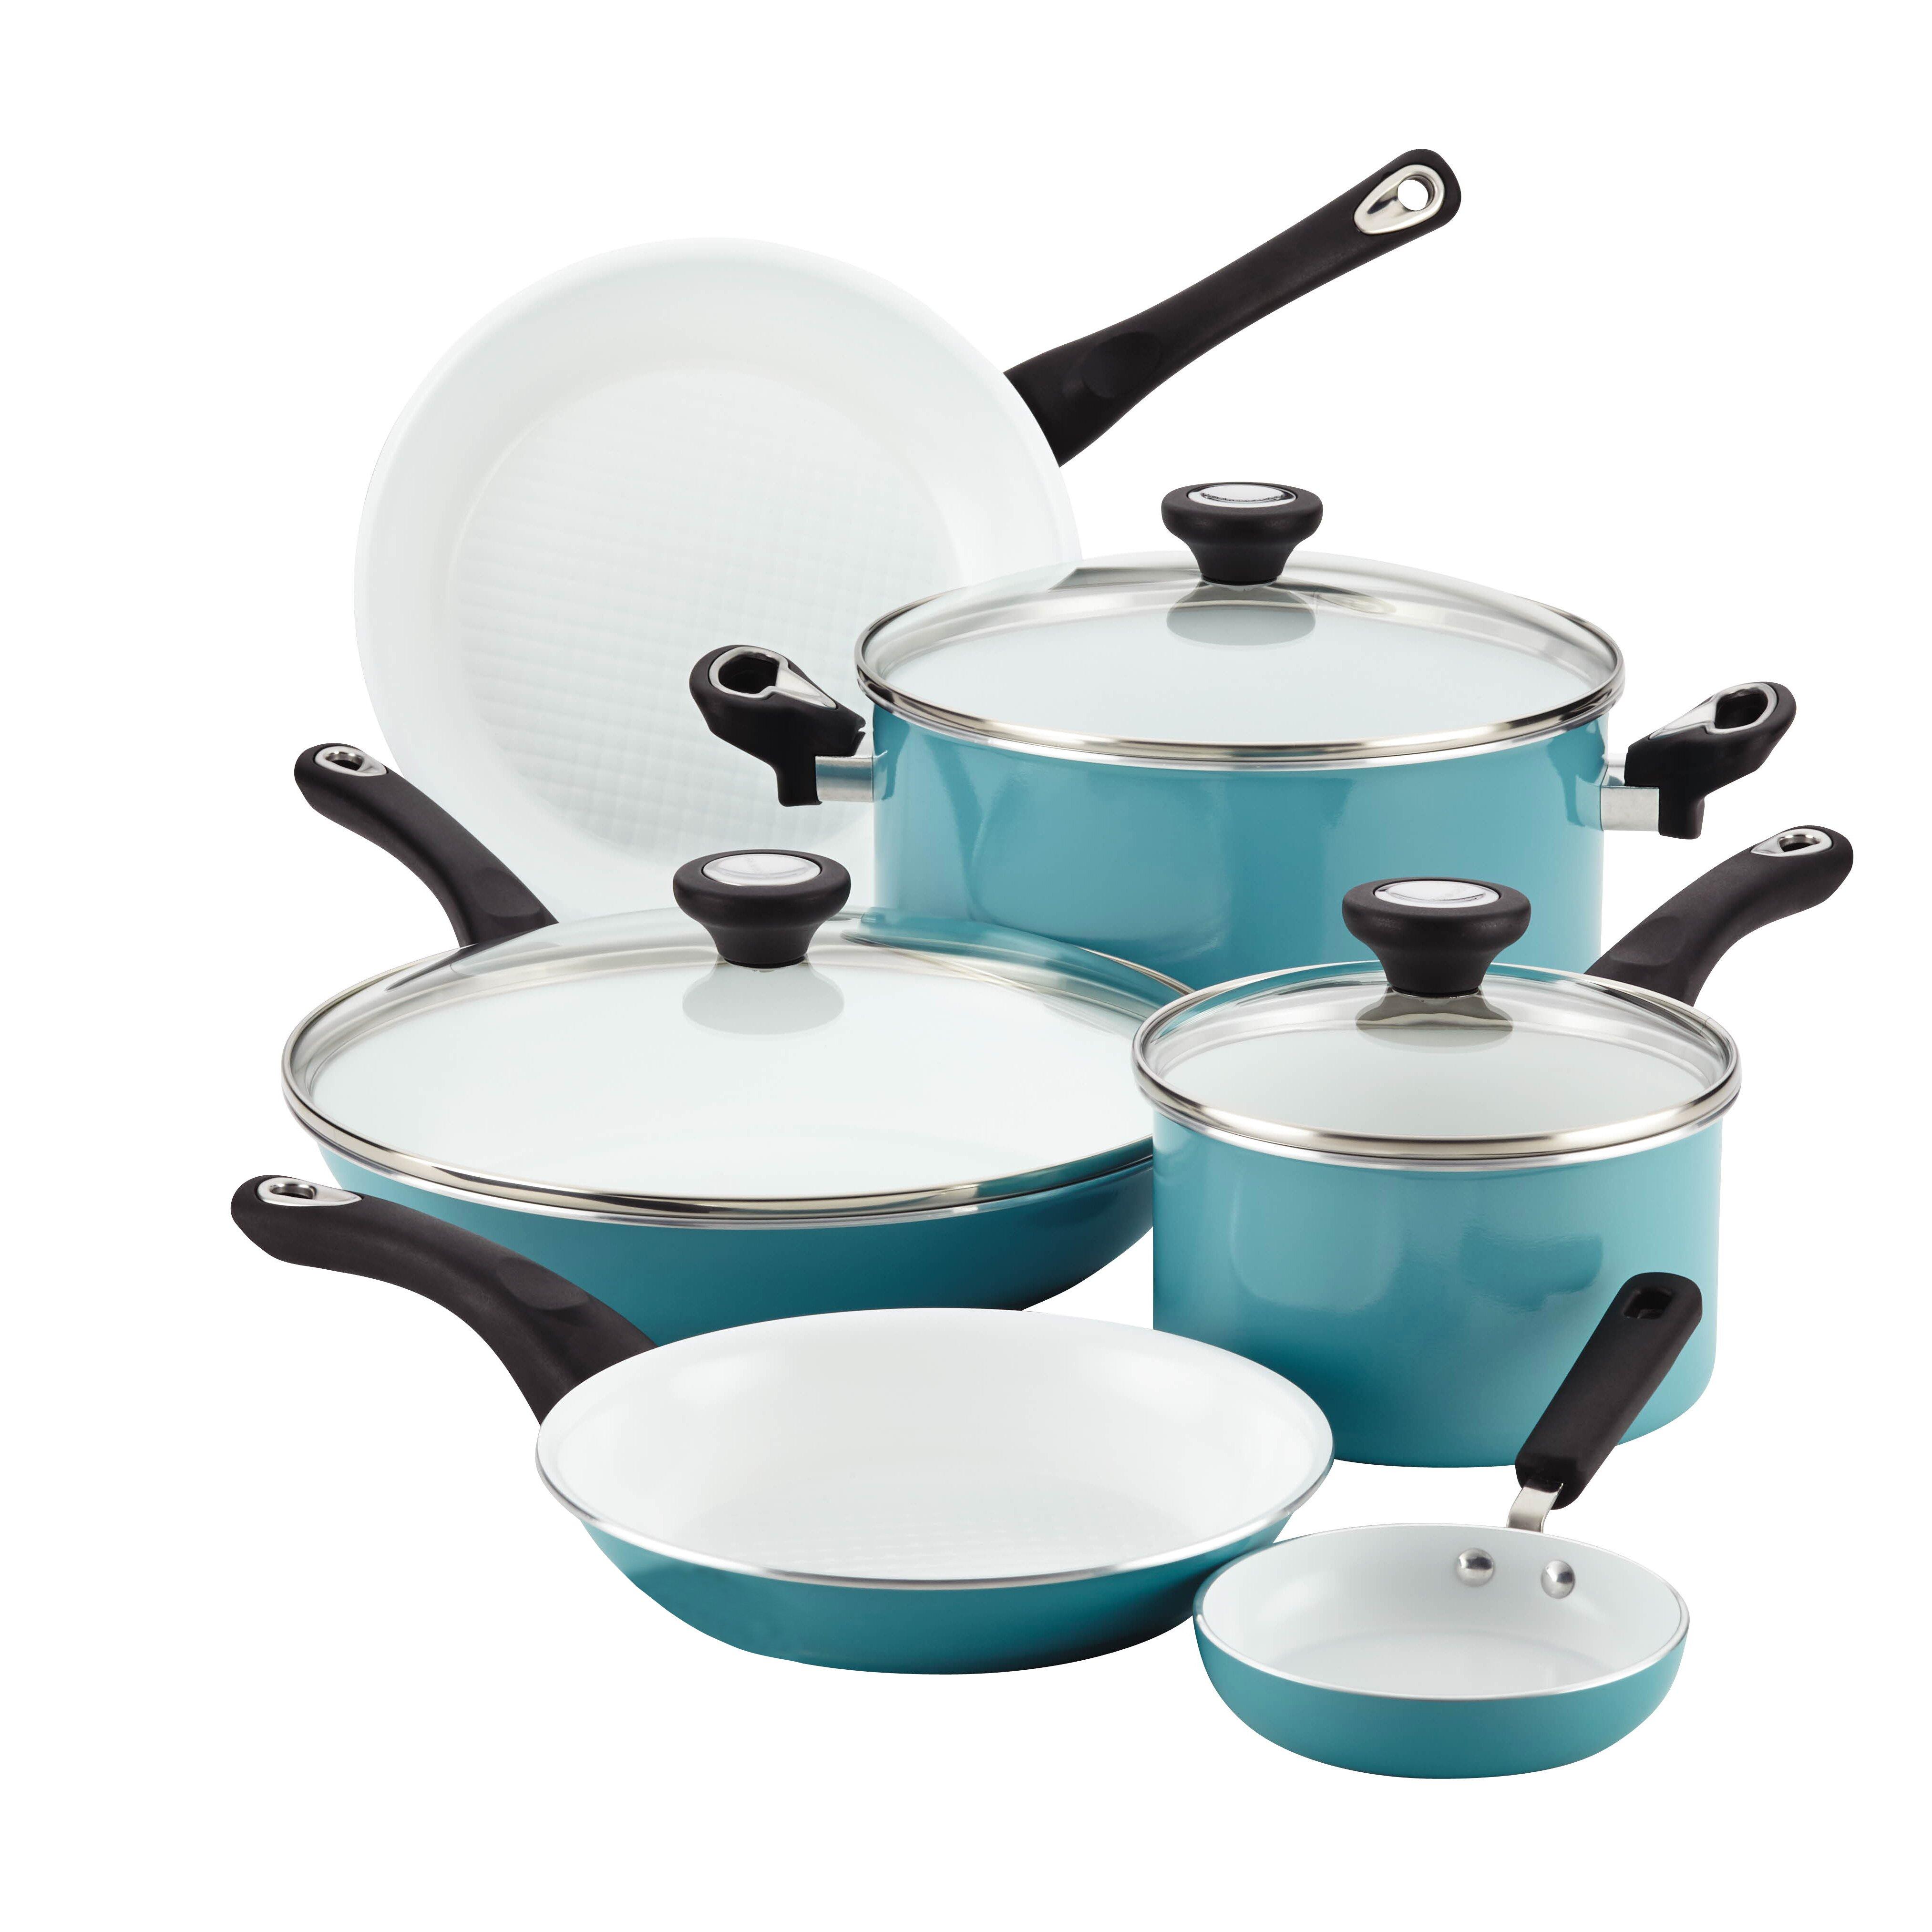 Farberware Purecook Ceramic Nonstick Cookware 12 Piece